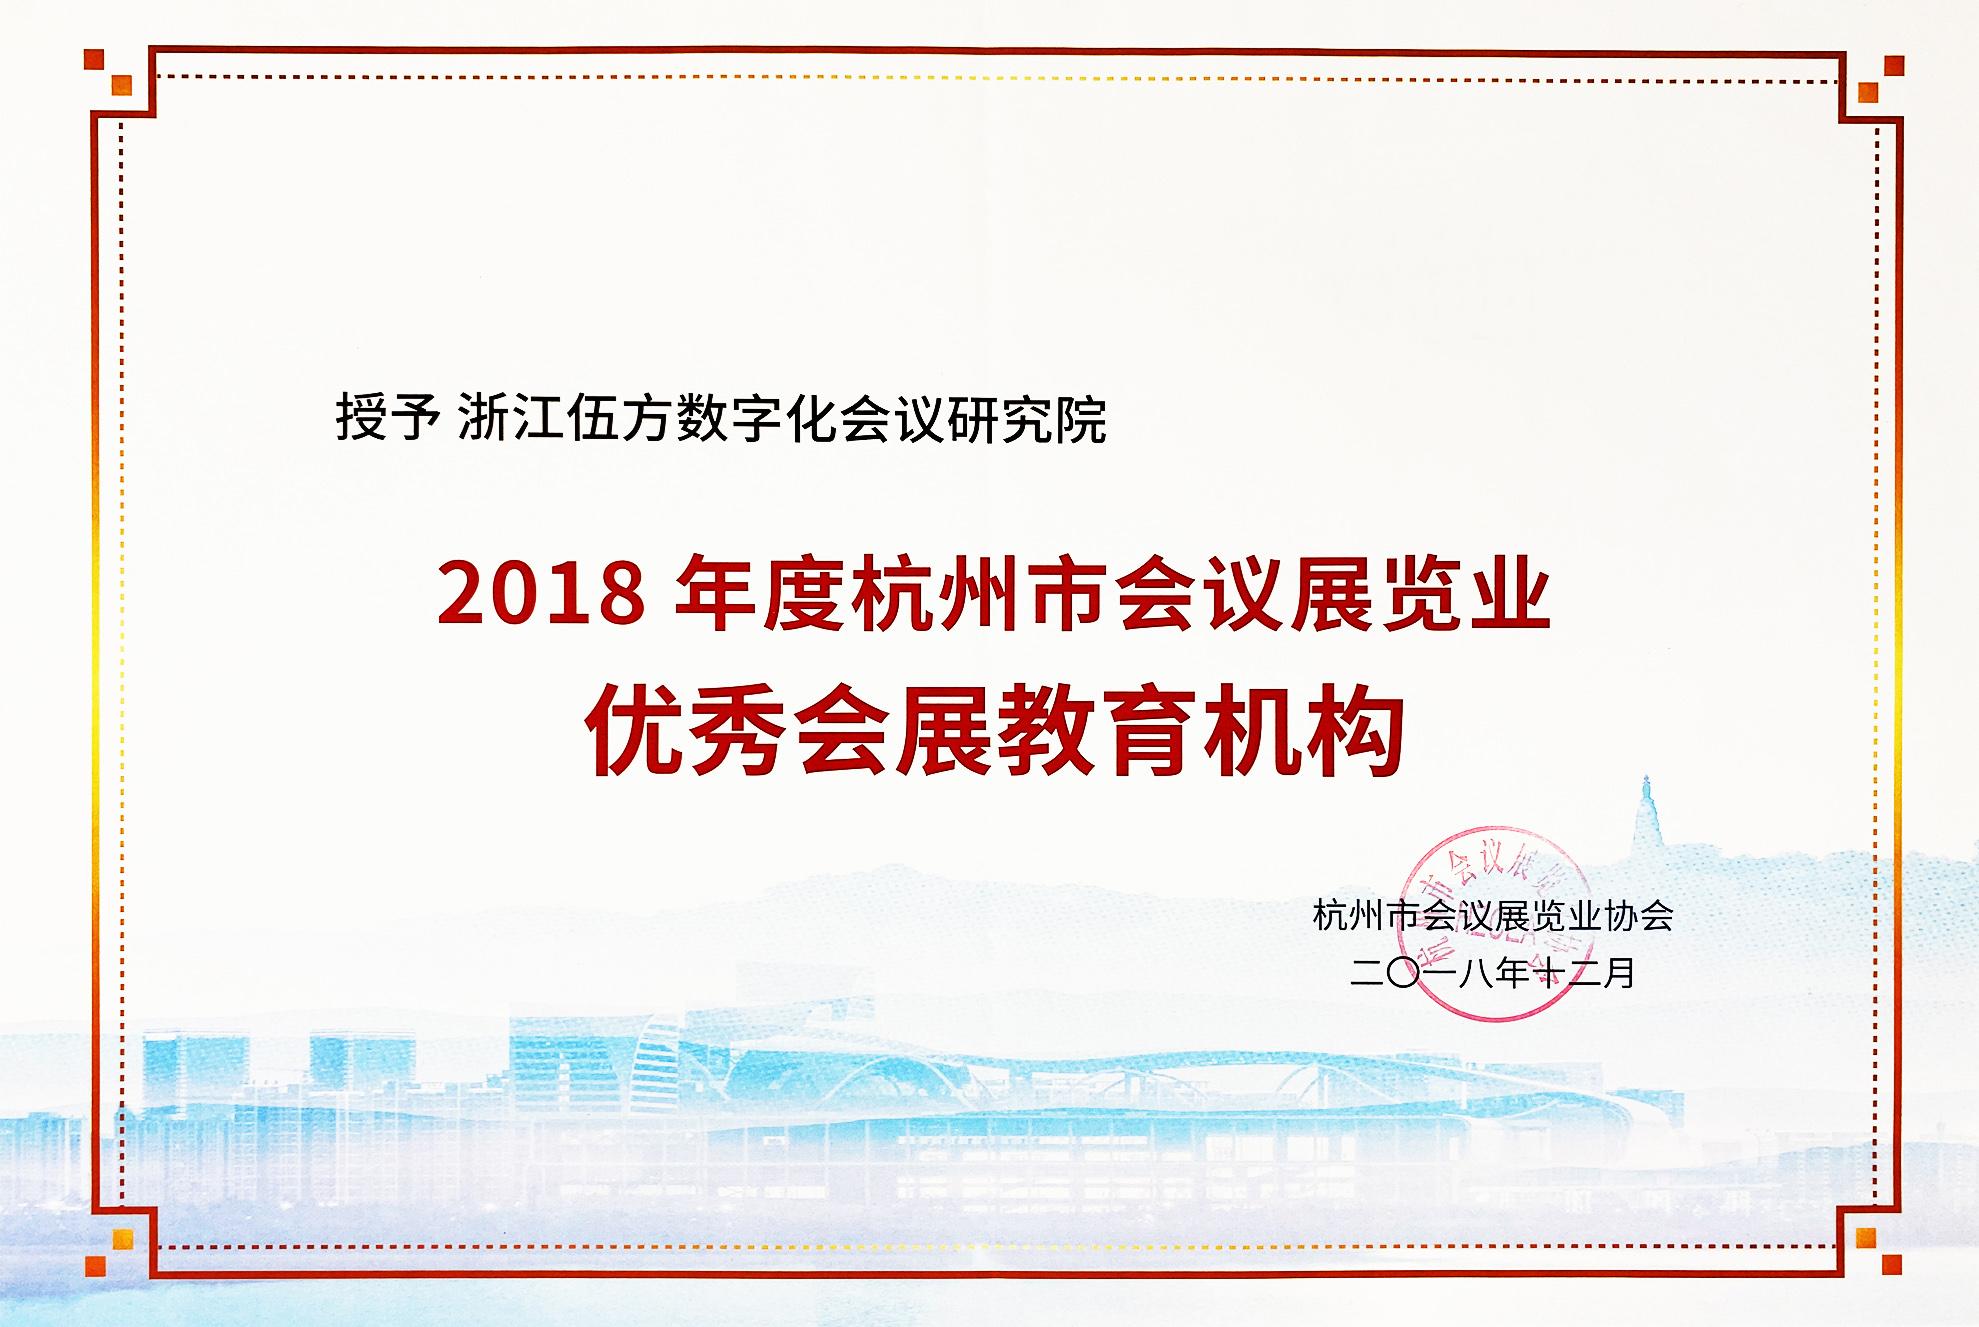 2018年度杭州市会议展览业优秀会展教育机构证书